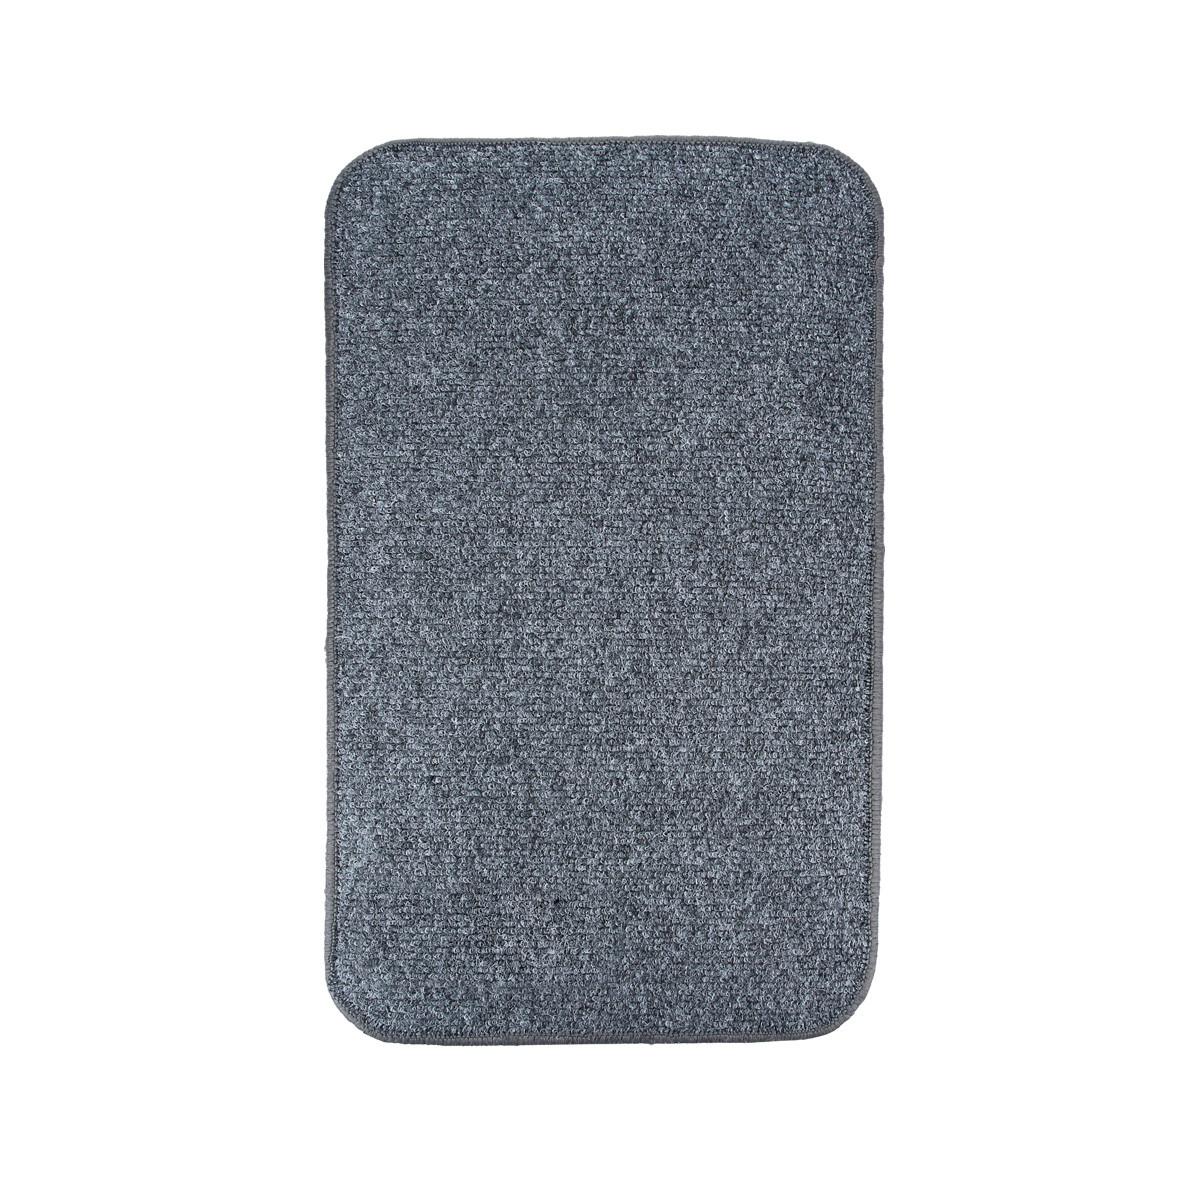 Електричний килимок з підігрівом Теплик з термоізоляцією 100 х 150 см Темно-сірий